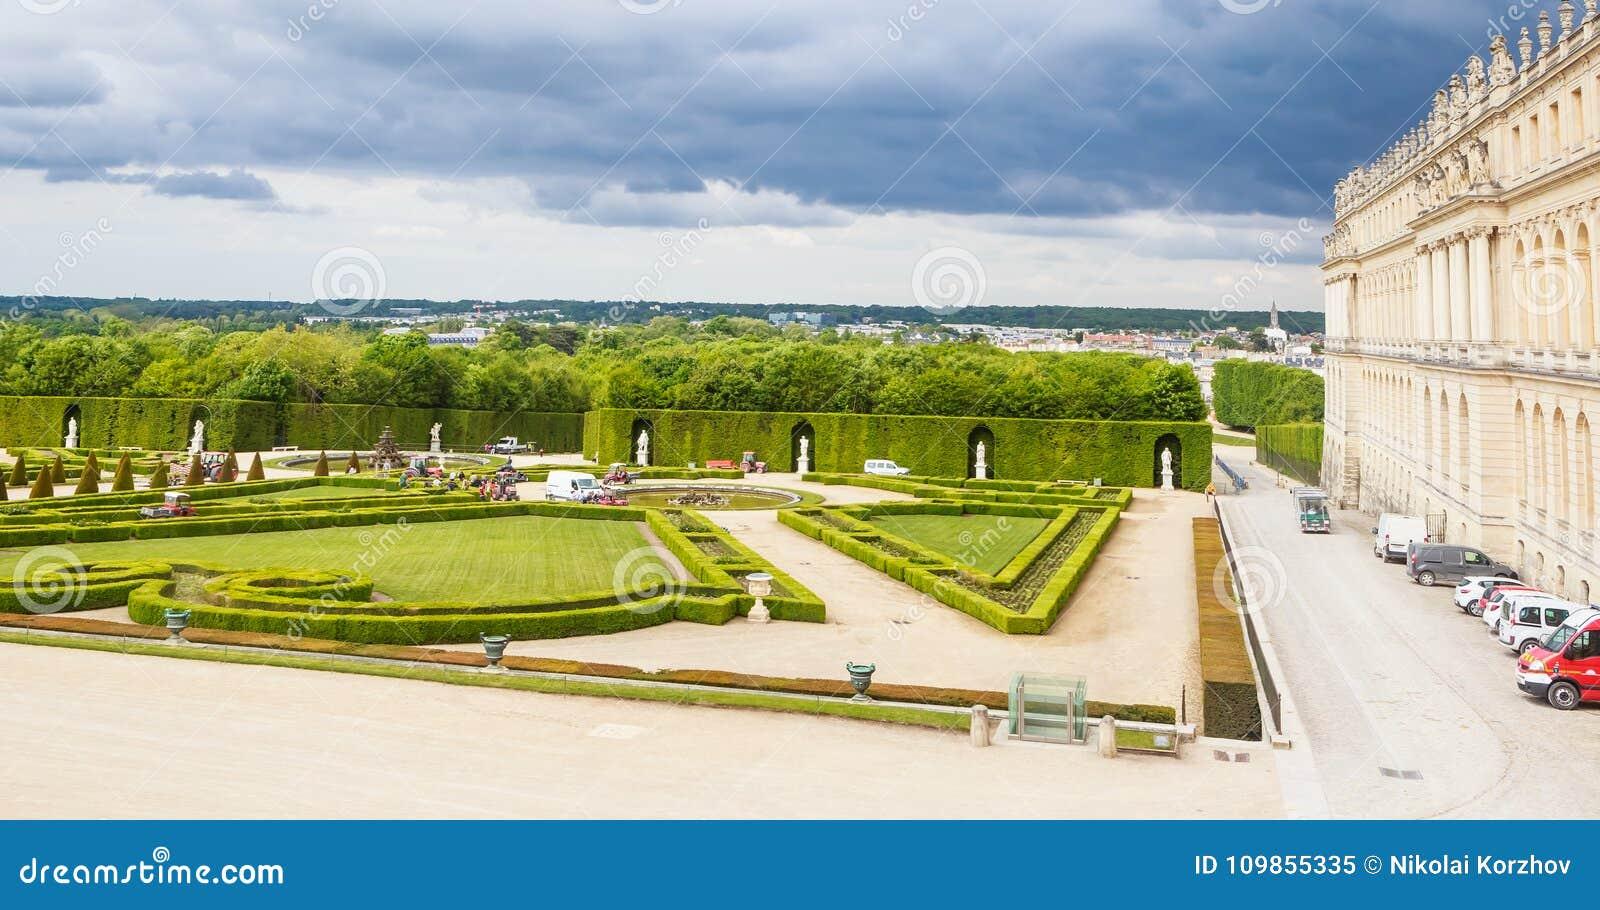 Garez de la fenêtre du palais de Versailles